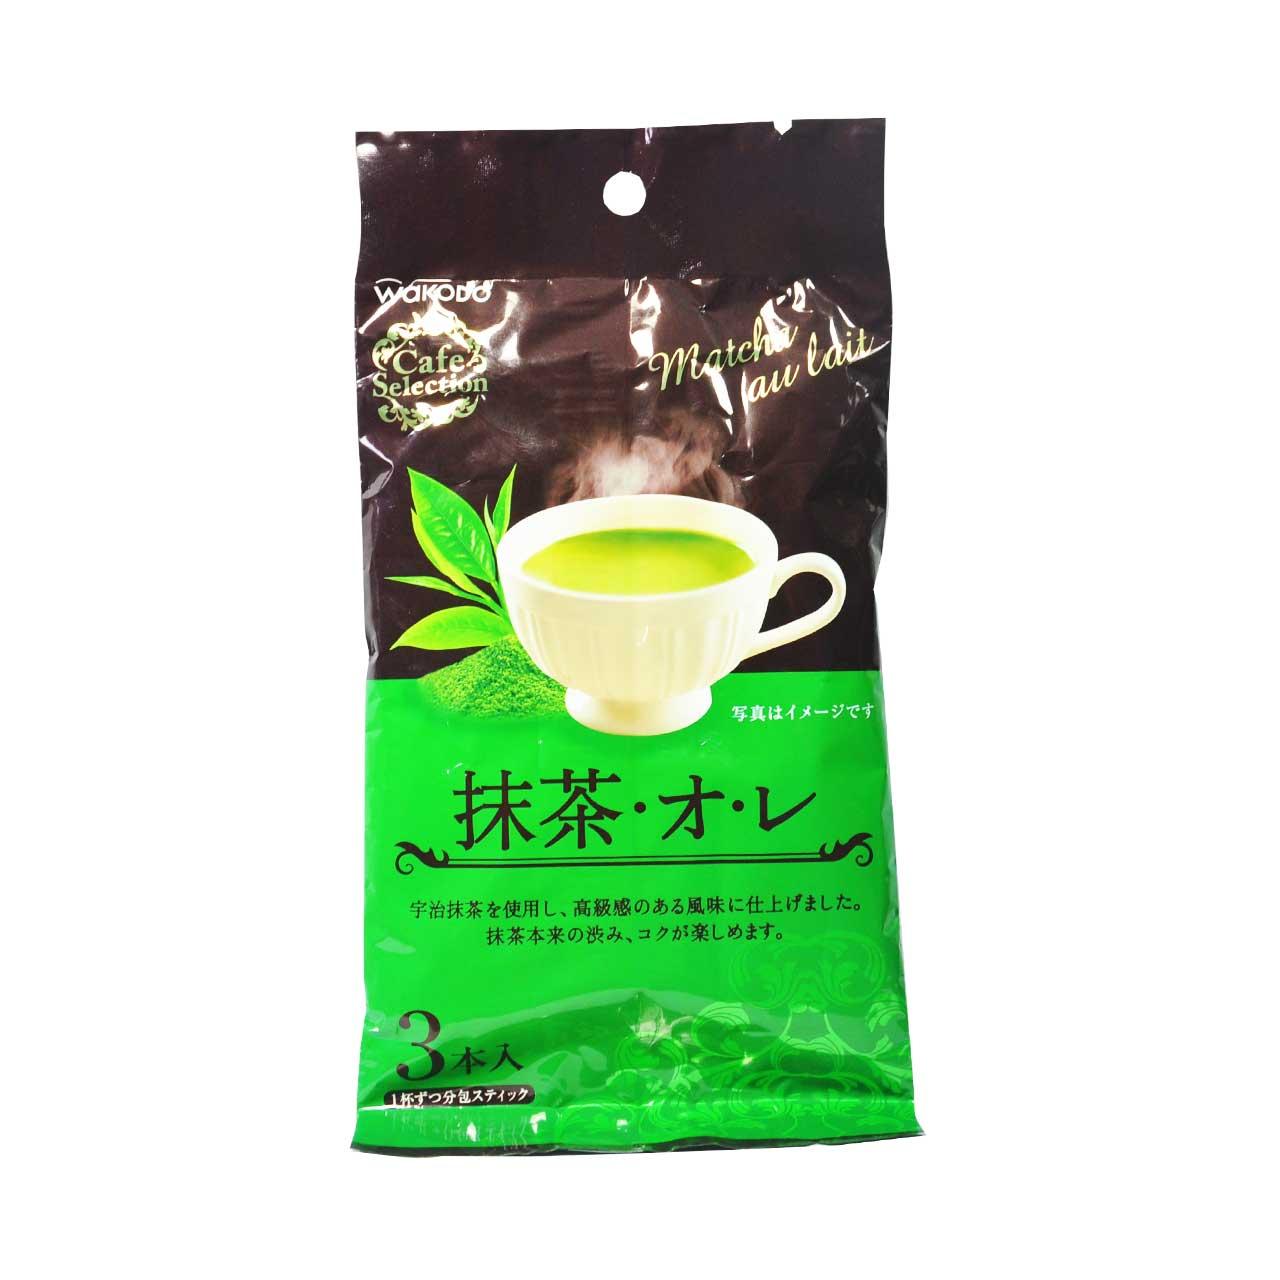 چای ماچا لاته ژاپنی ۳ عددی – matcha au lait